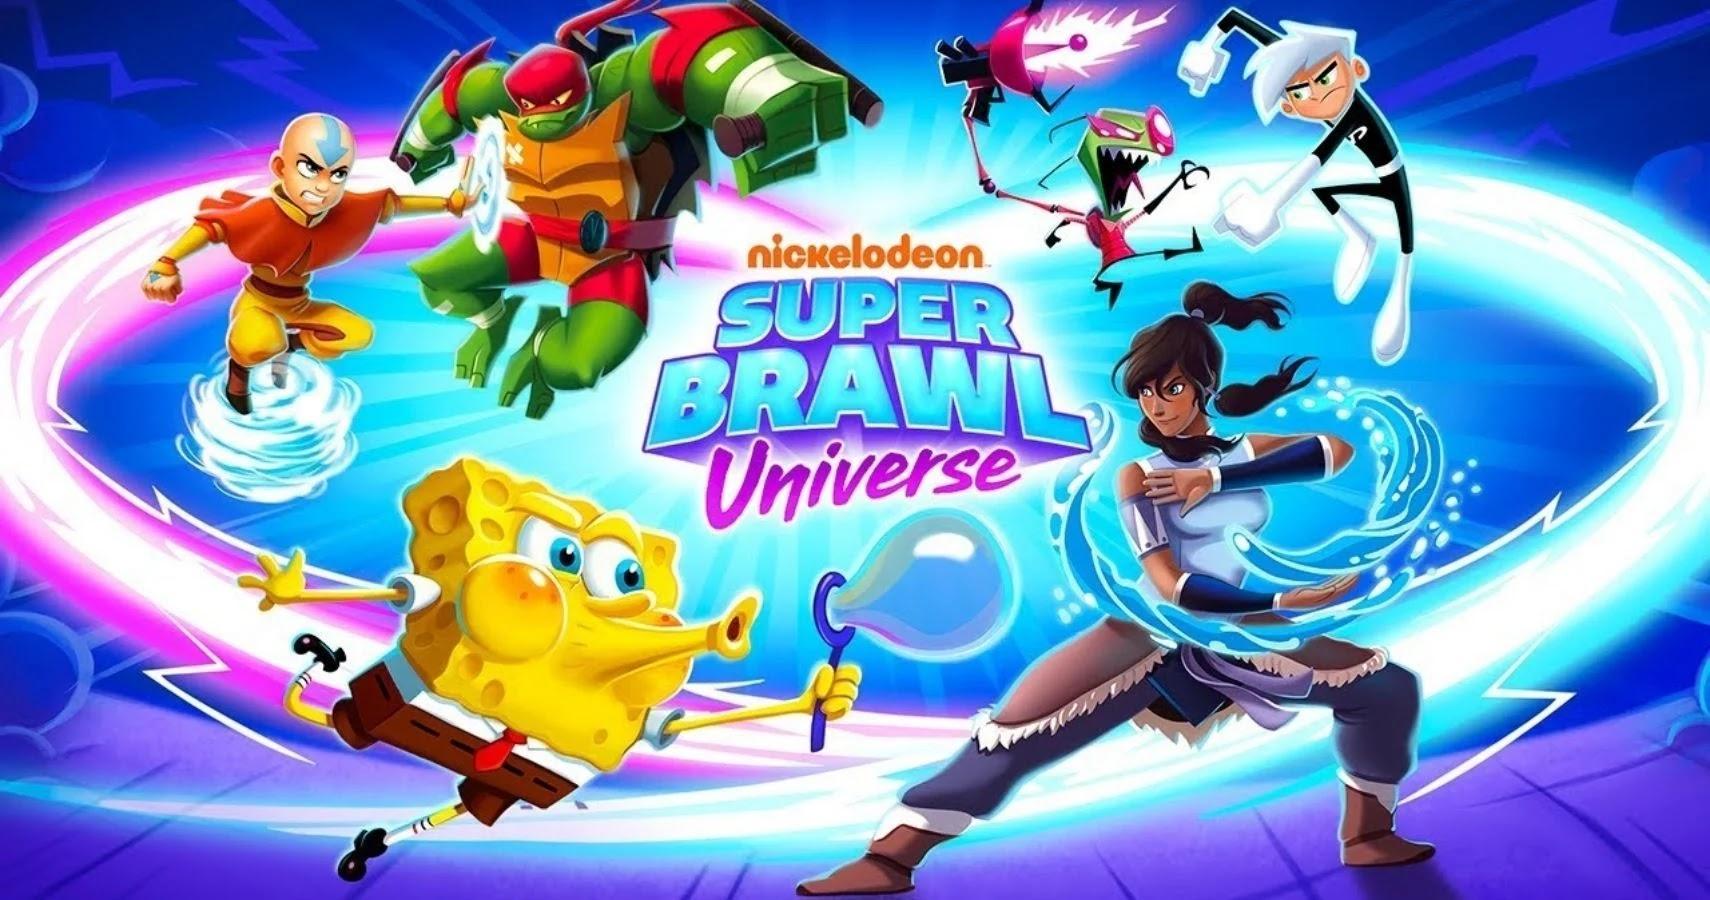 《尼克儿童频道全明星大乱斗》确定10月5日发售 未来还将发布额外DLC